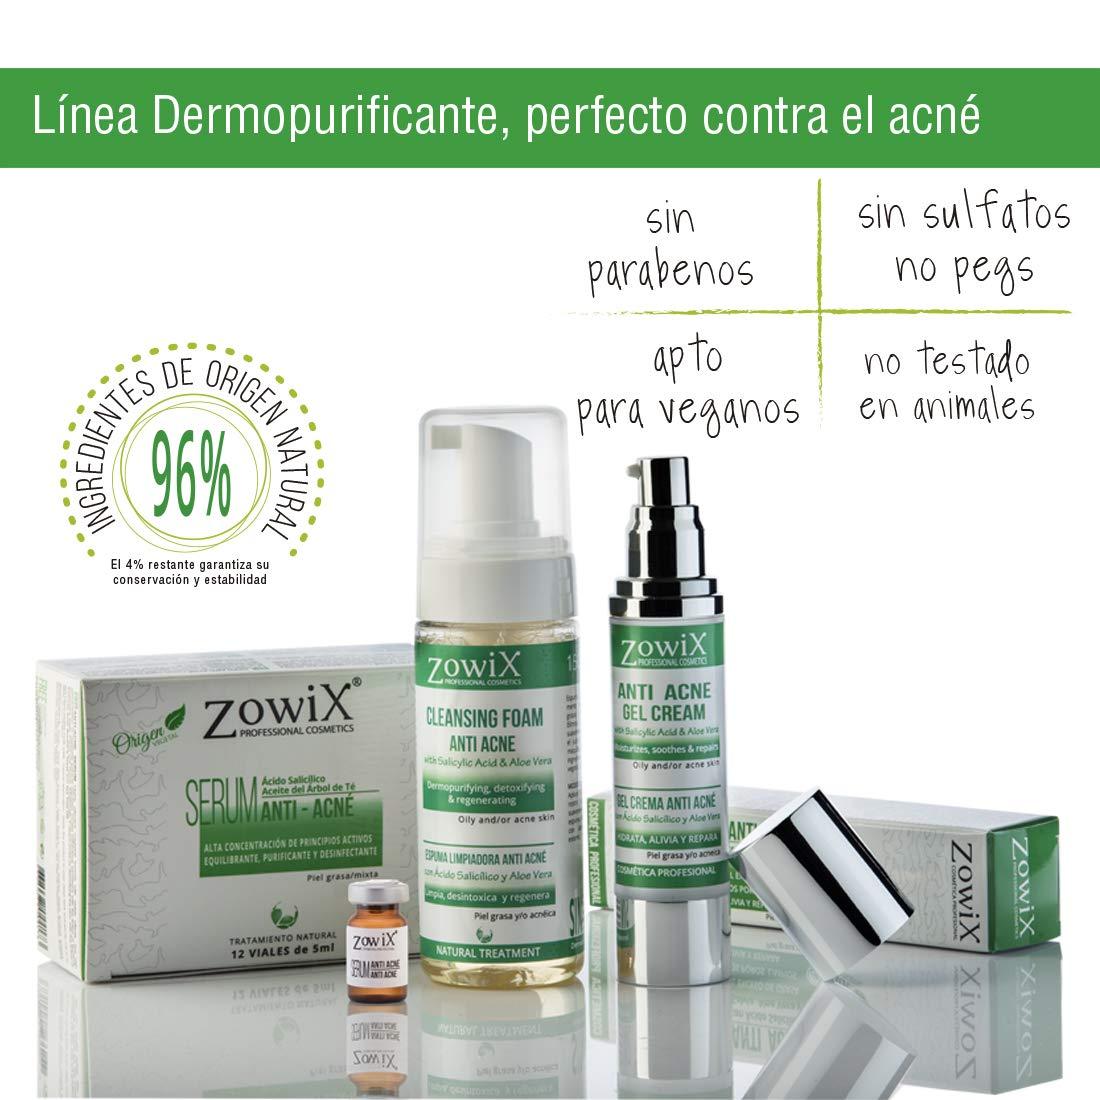 ZOWIX Antiacné en Espuma Limpiadora. Foam purificante suave contra el acné facial. Limpia, desintoxica y ayuda a eliminar espinillas, puntos negros y ...